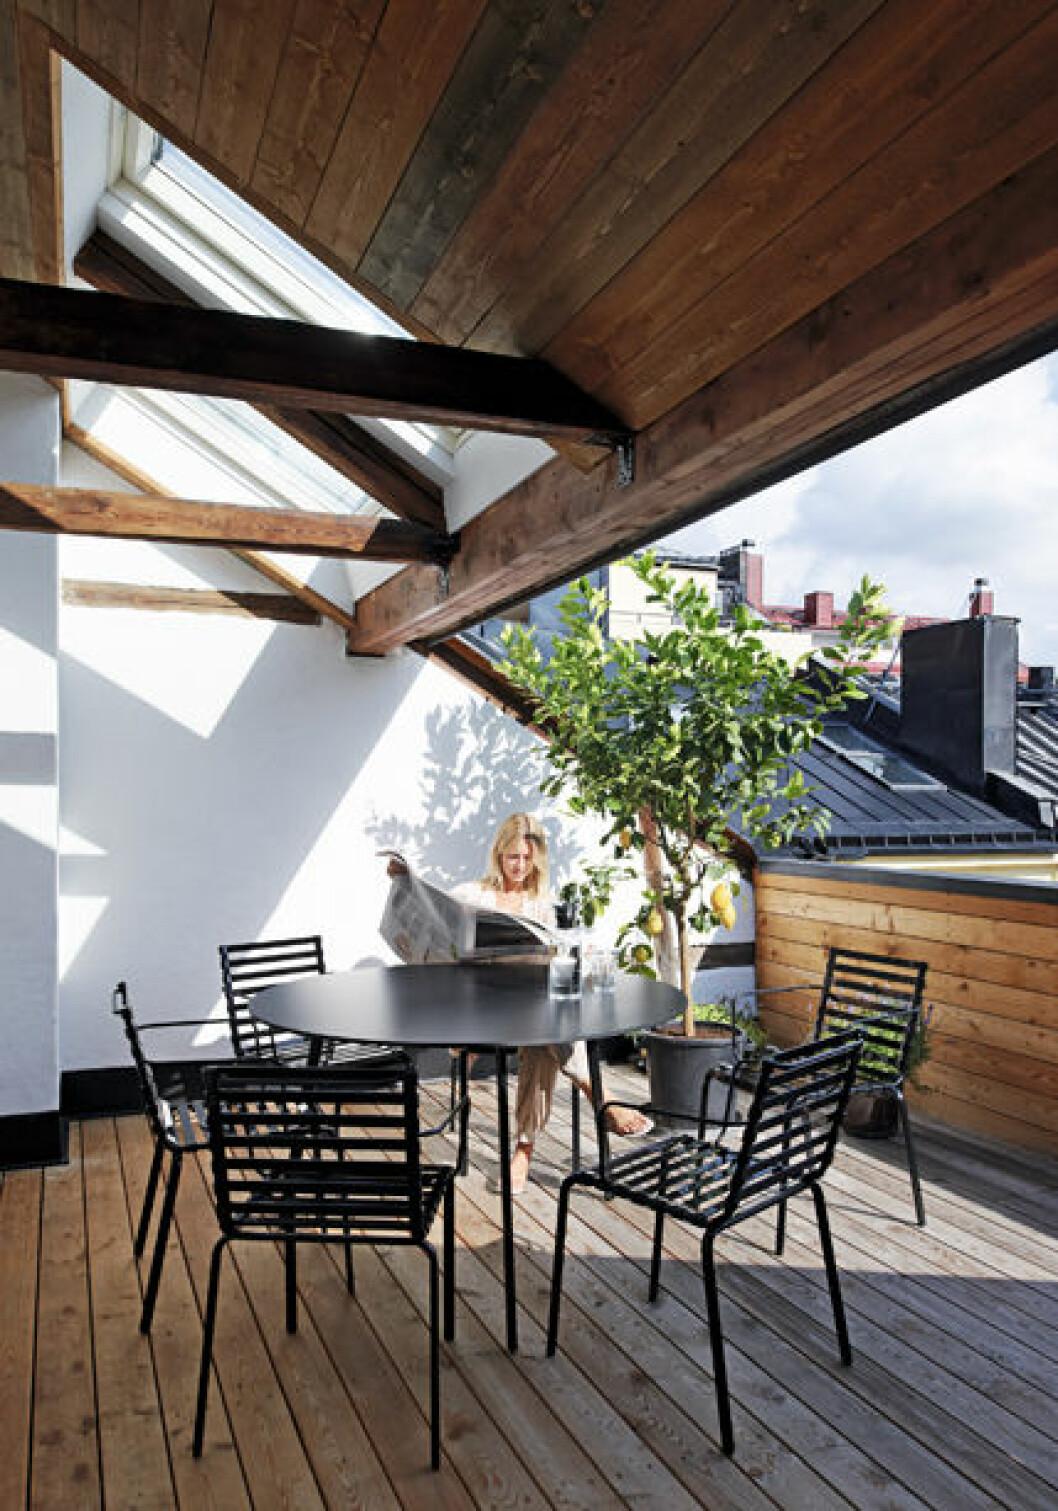 På Filippa Knutsson på terrassen fylld med stolar och bord.